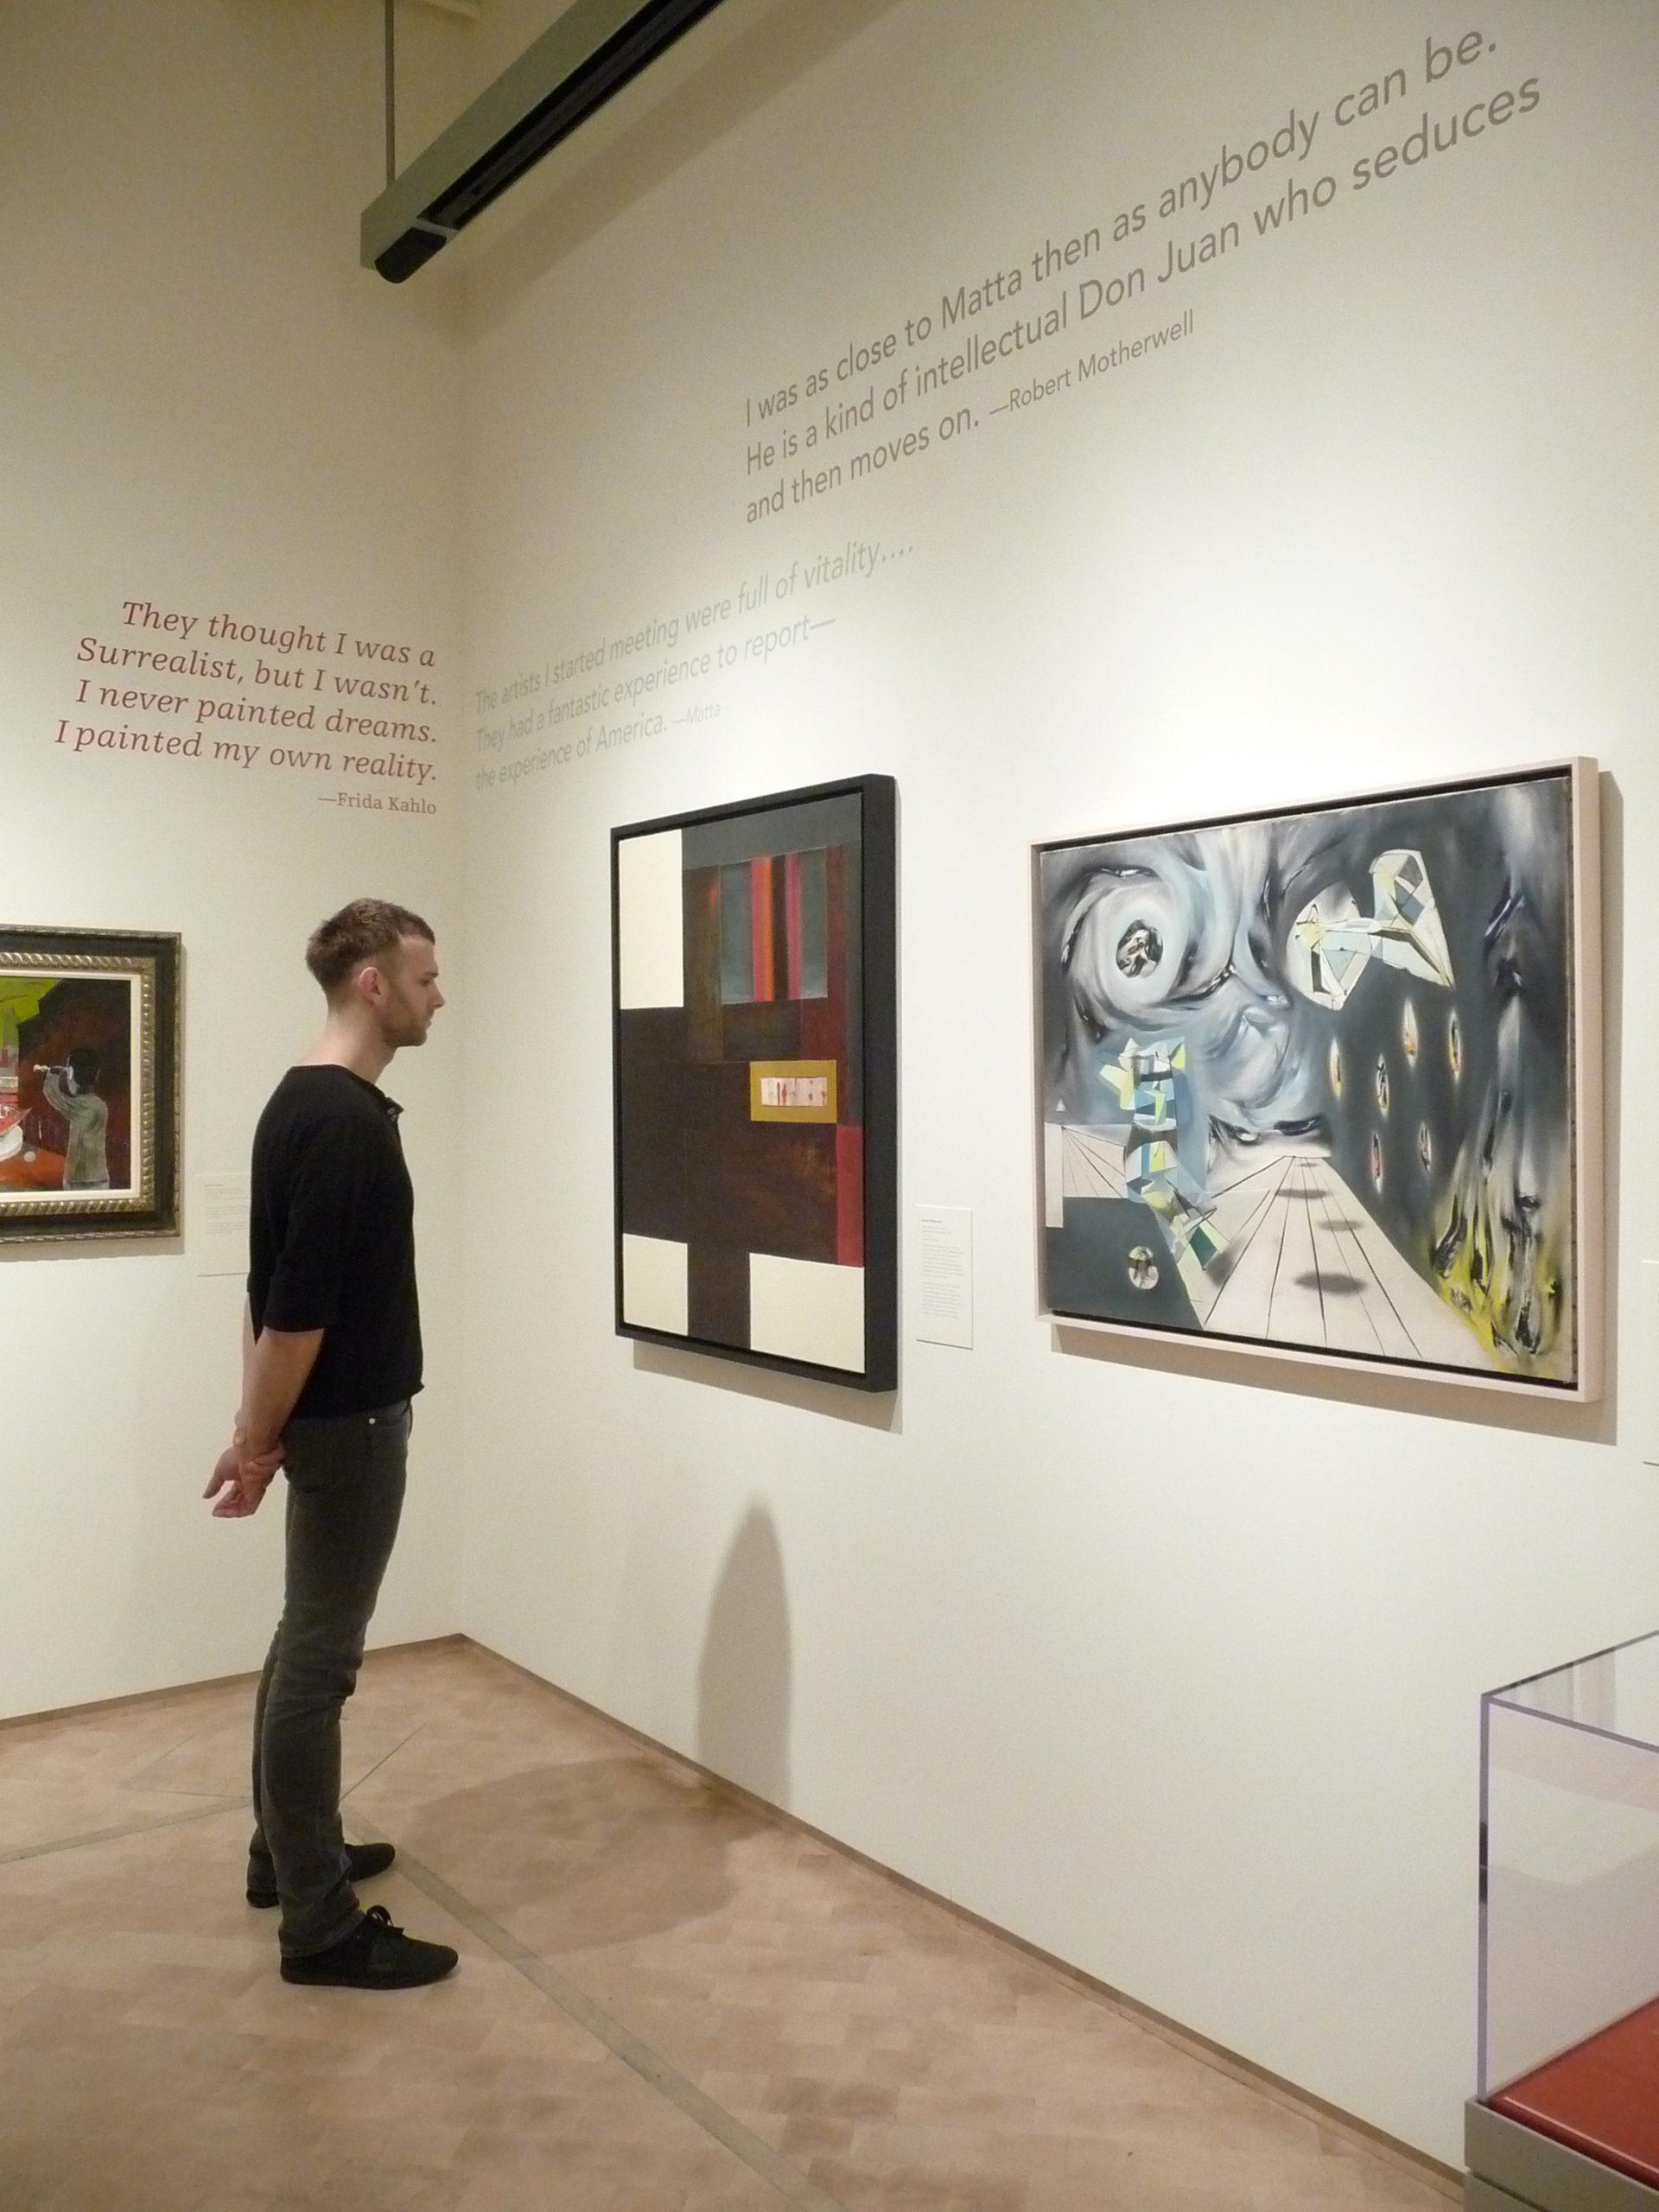 Project image 4 for Permanent Exhibits, El Museo del Barrio